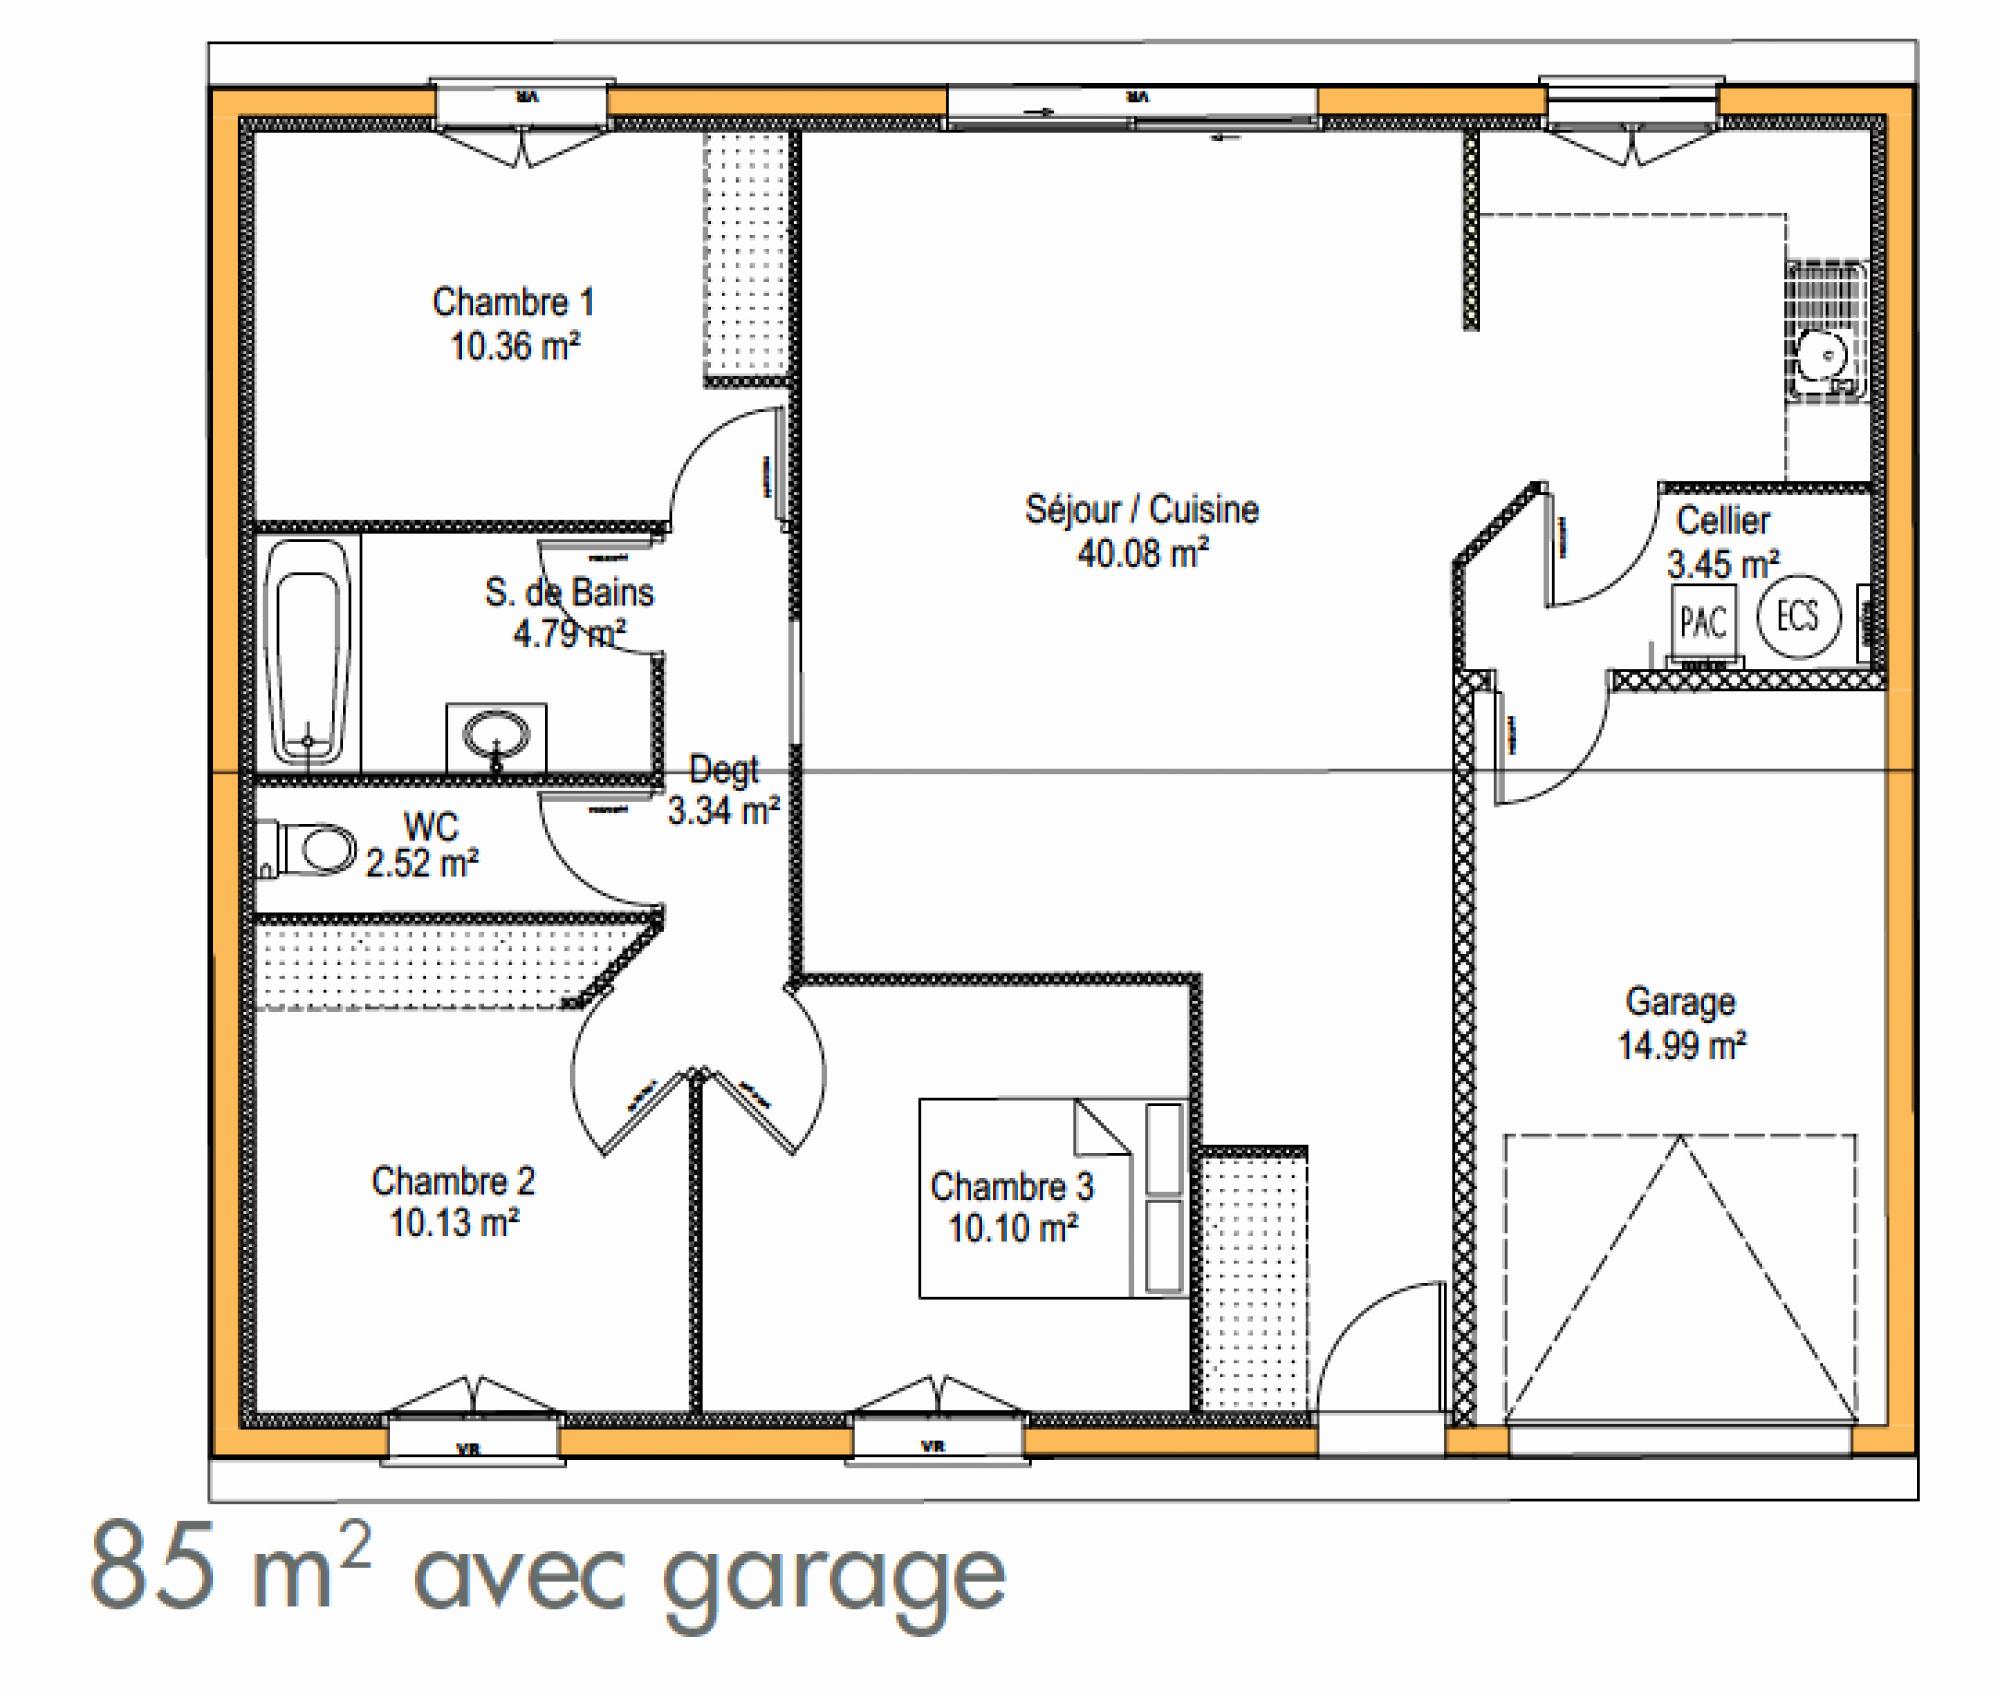 40 plans de maison pdf gratuit - Idées de travaux